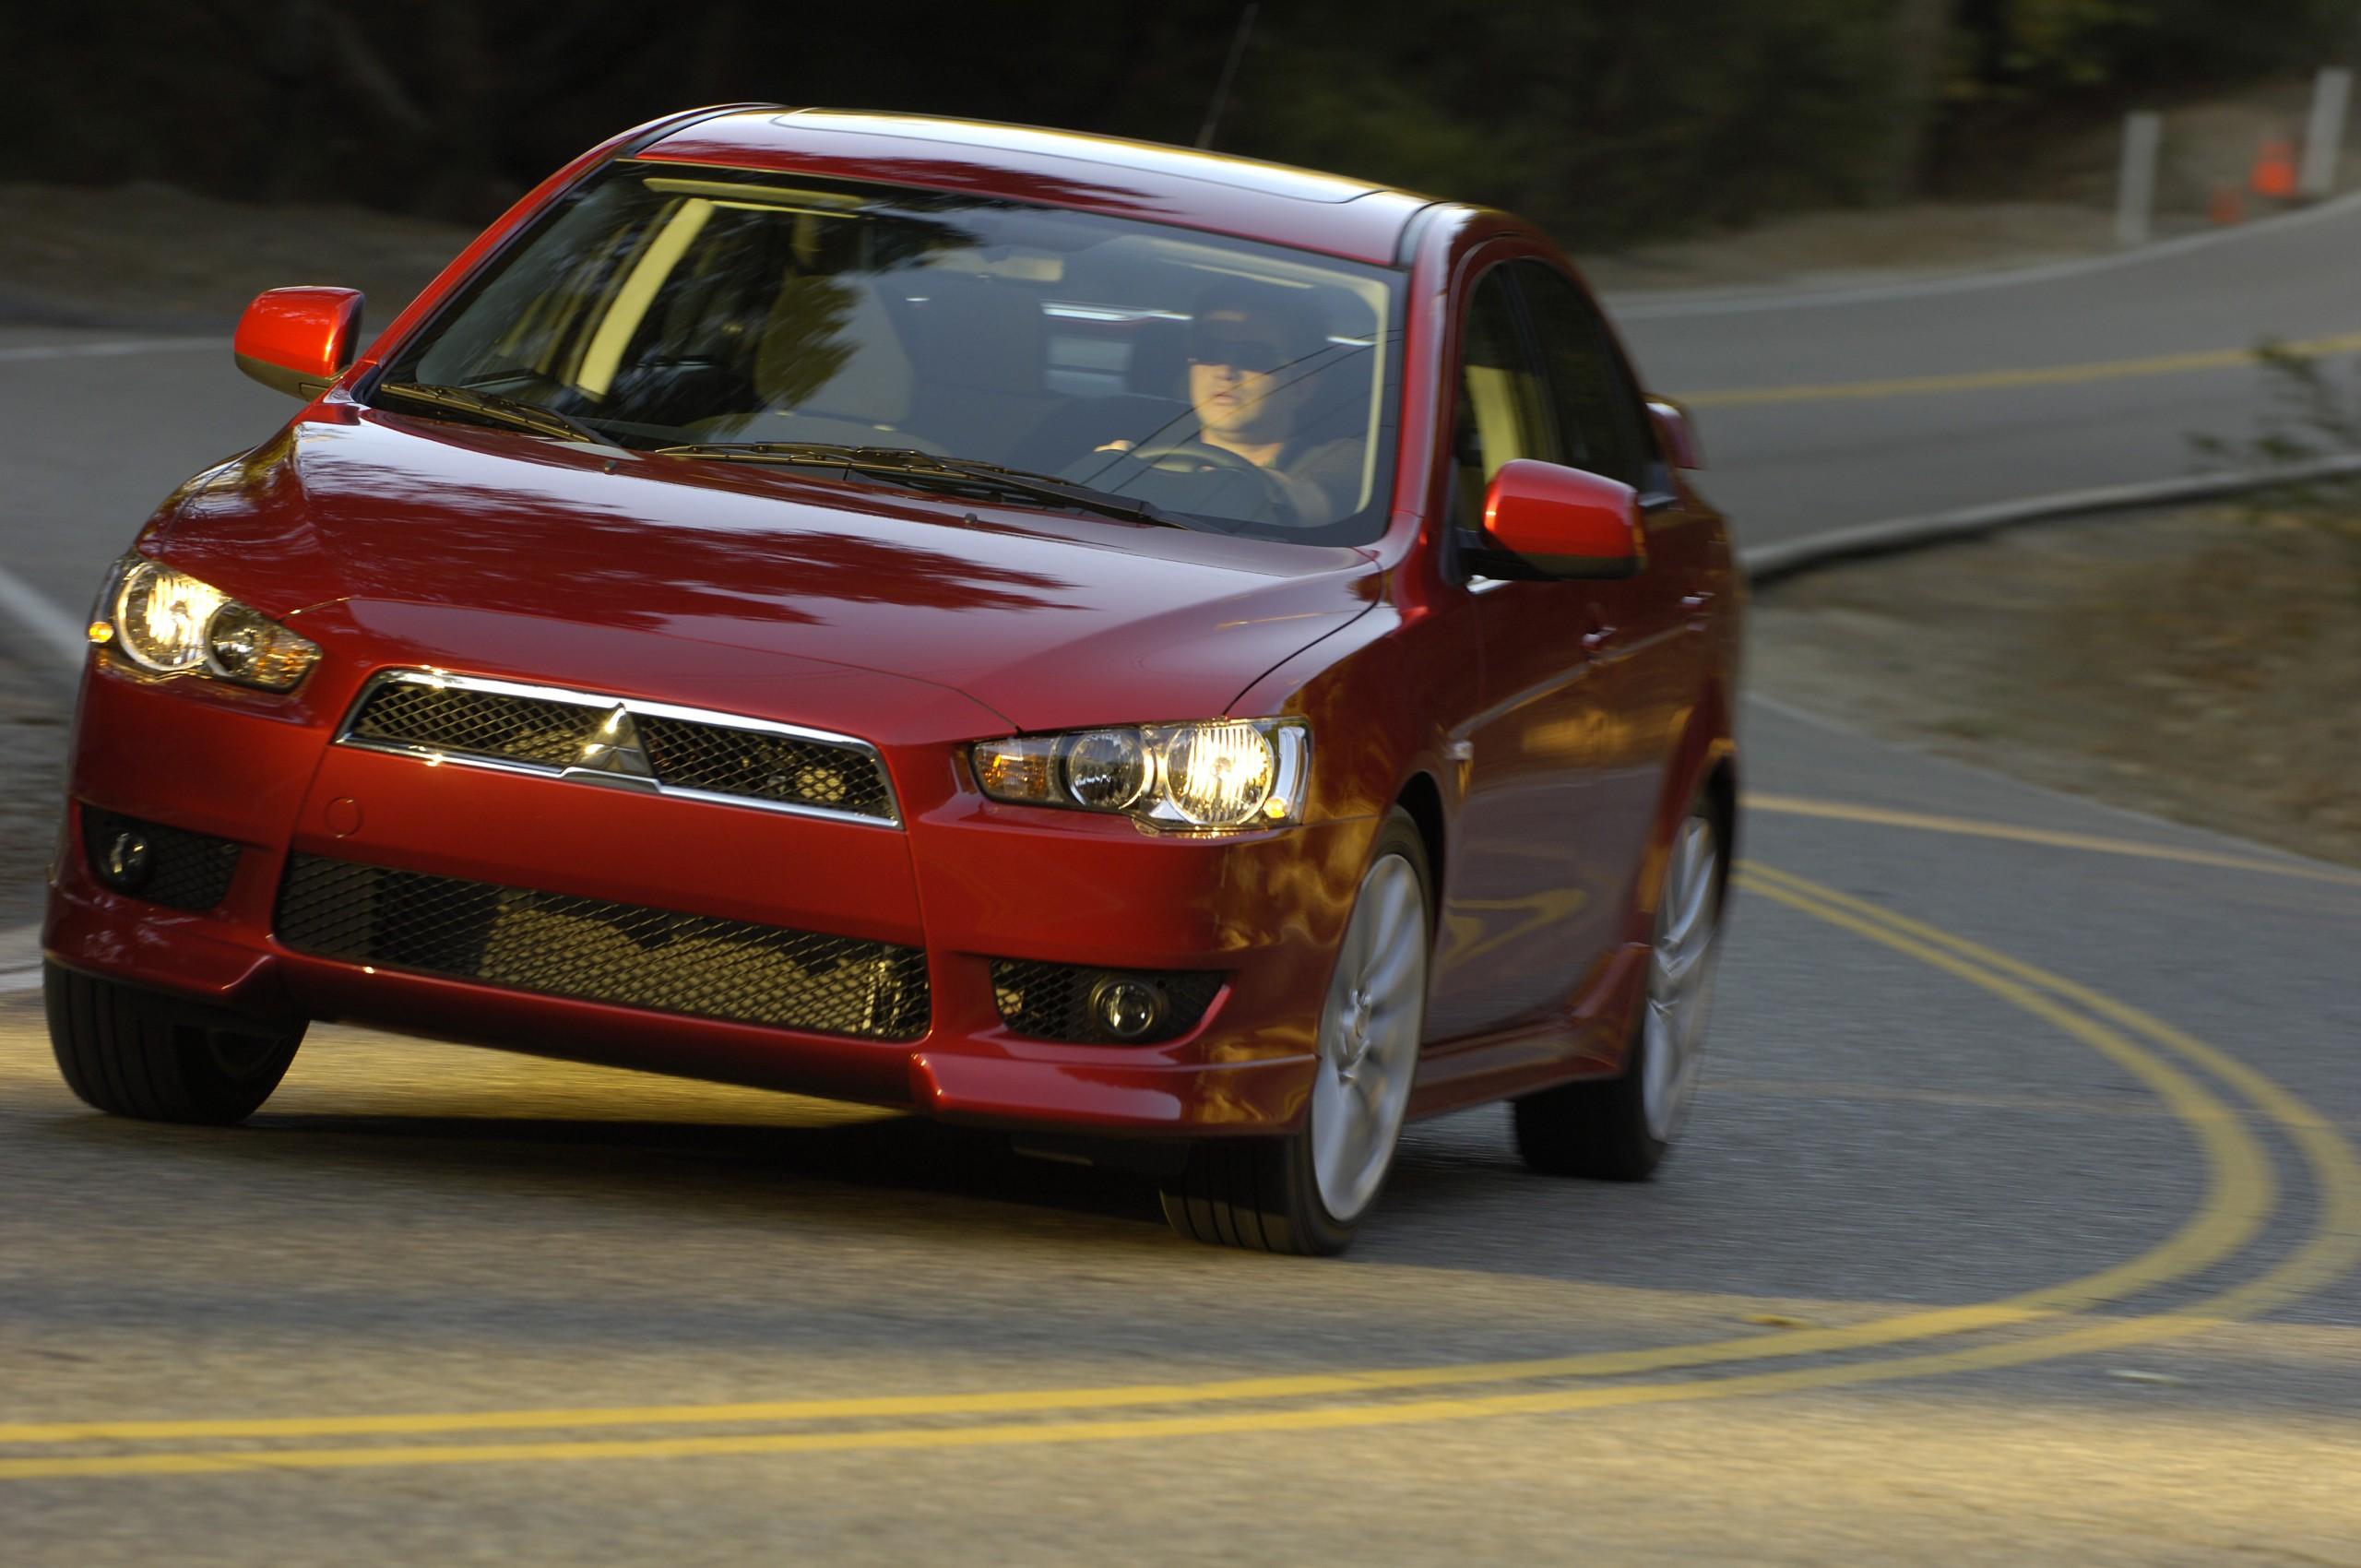 Mitsubishi Lancer Sedan photo #1